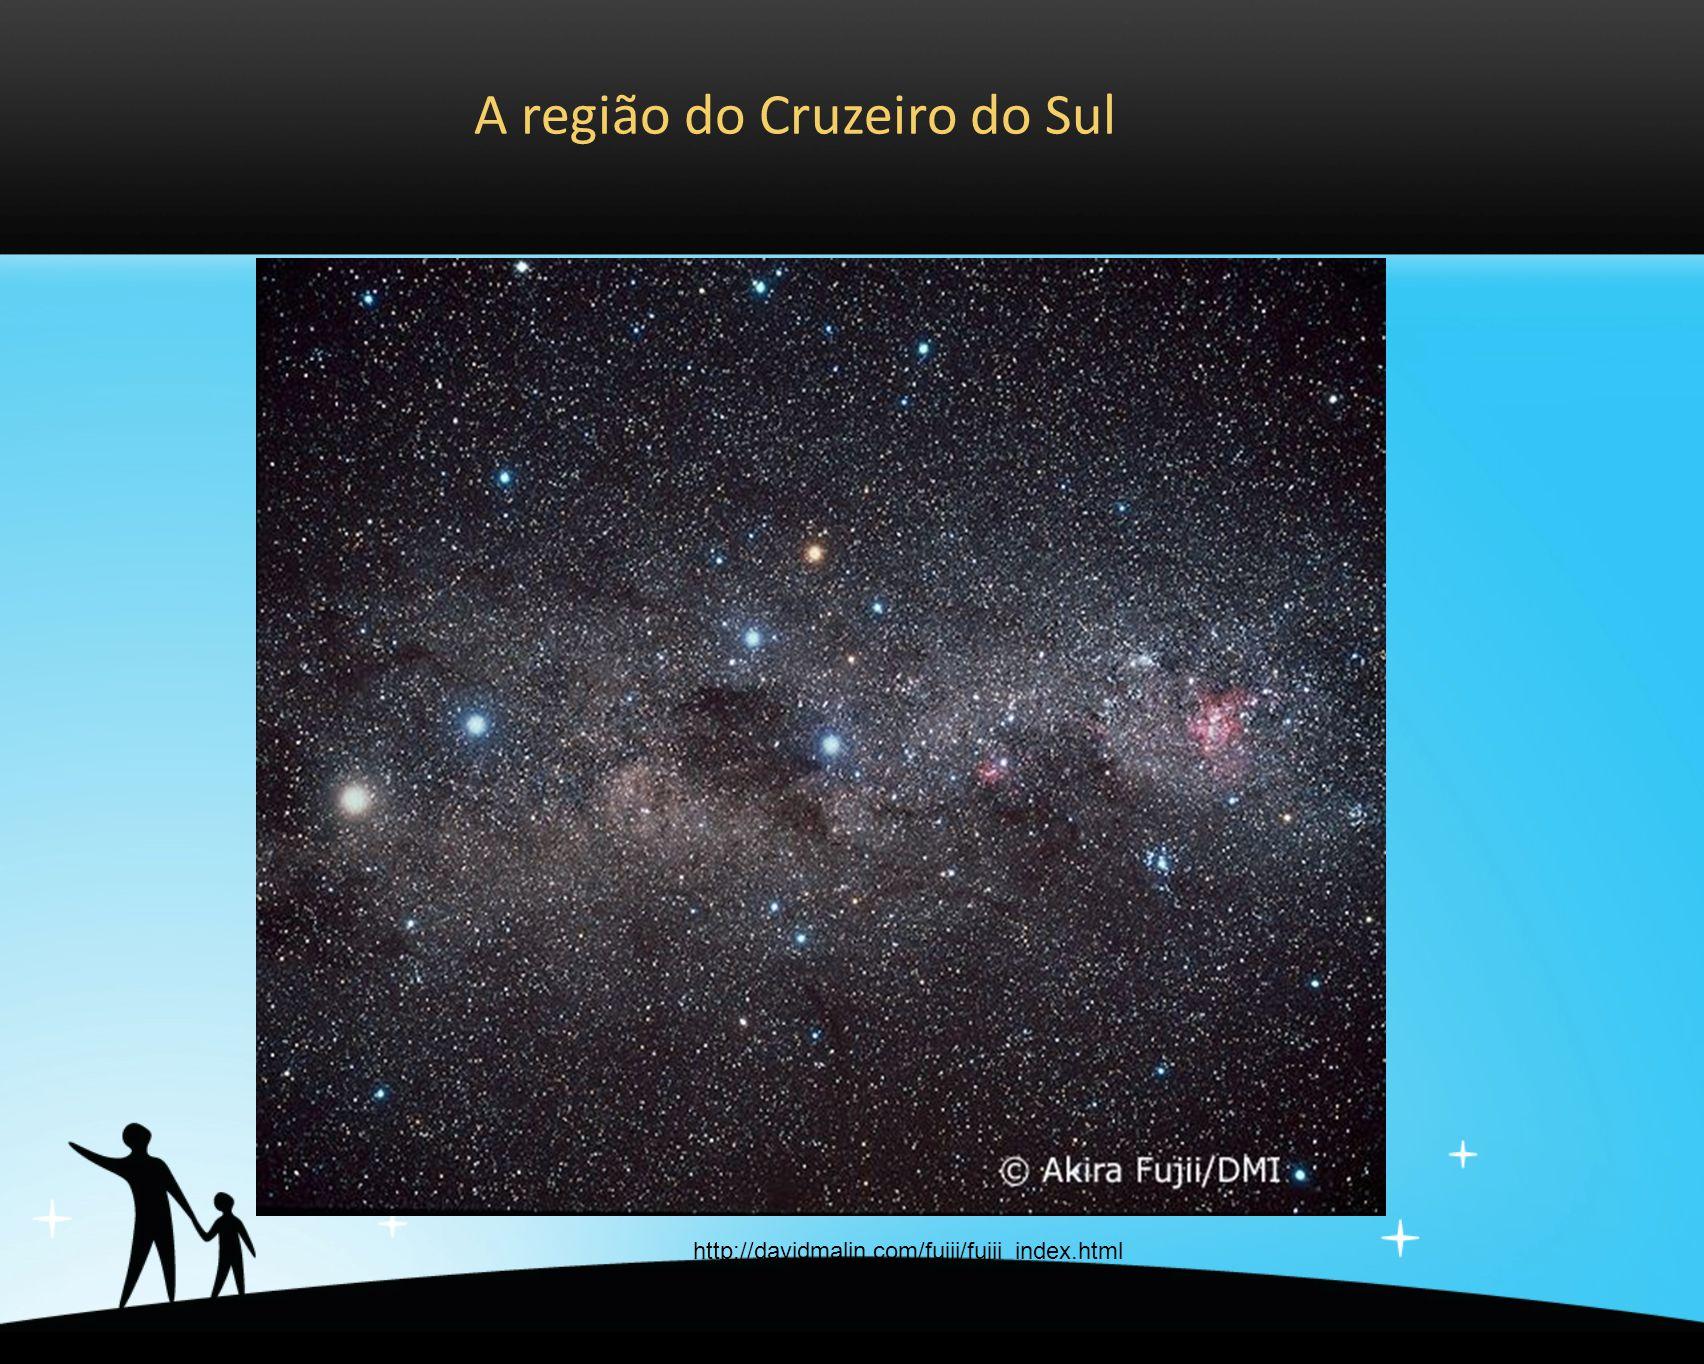 A região do Cruzeiro do Sul http://davidmalin.com/fujii/fujii_index.html